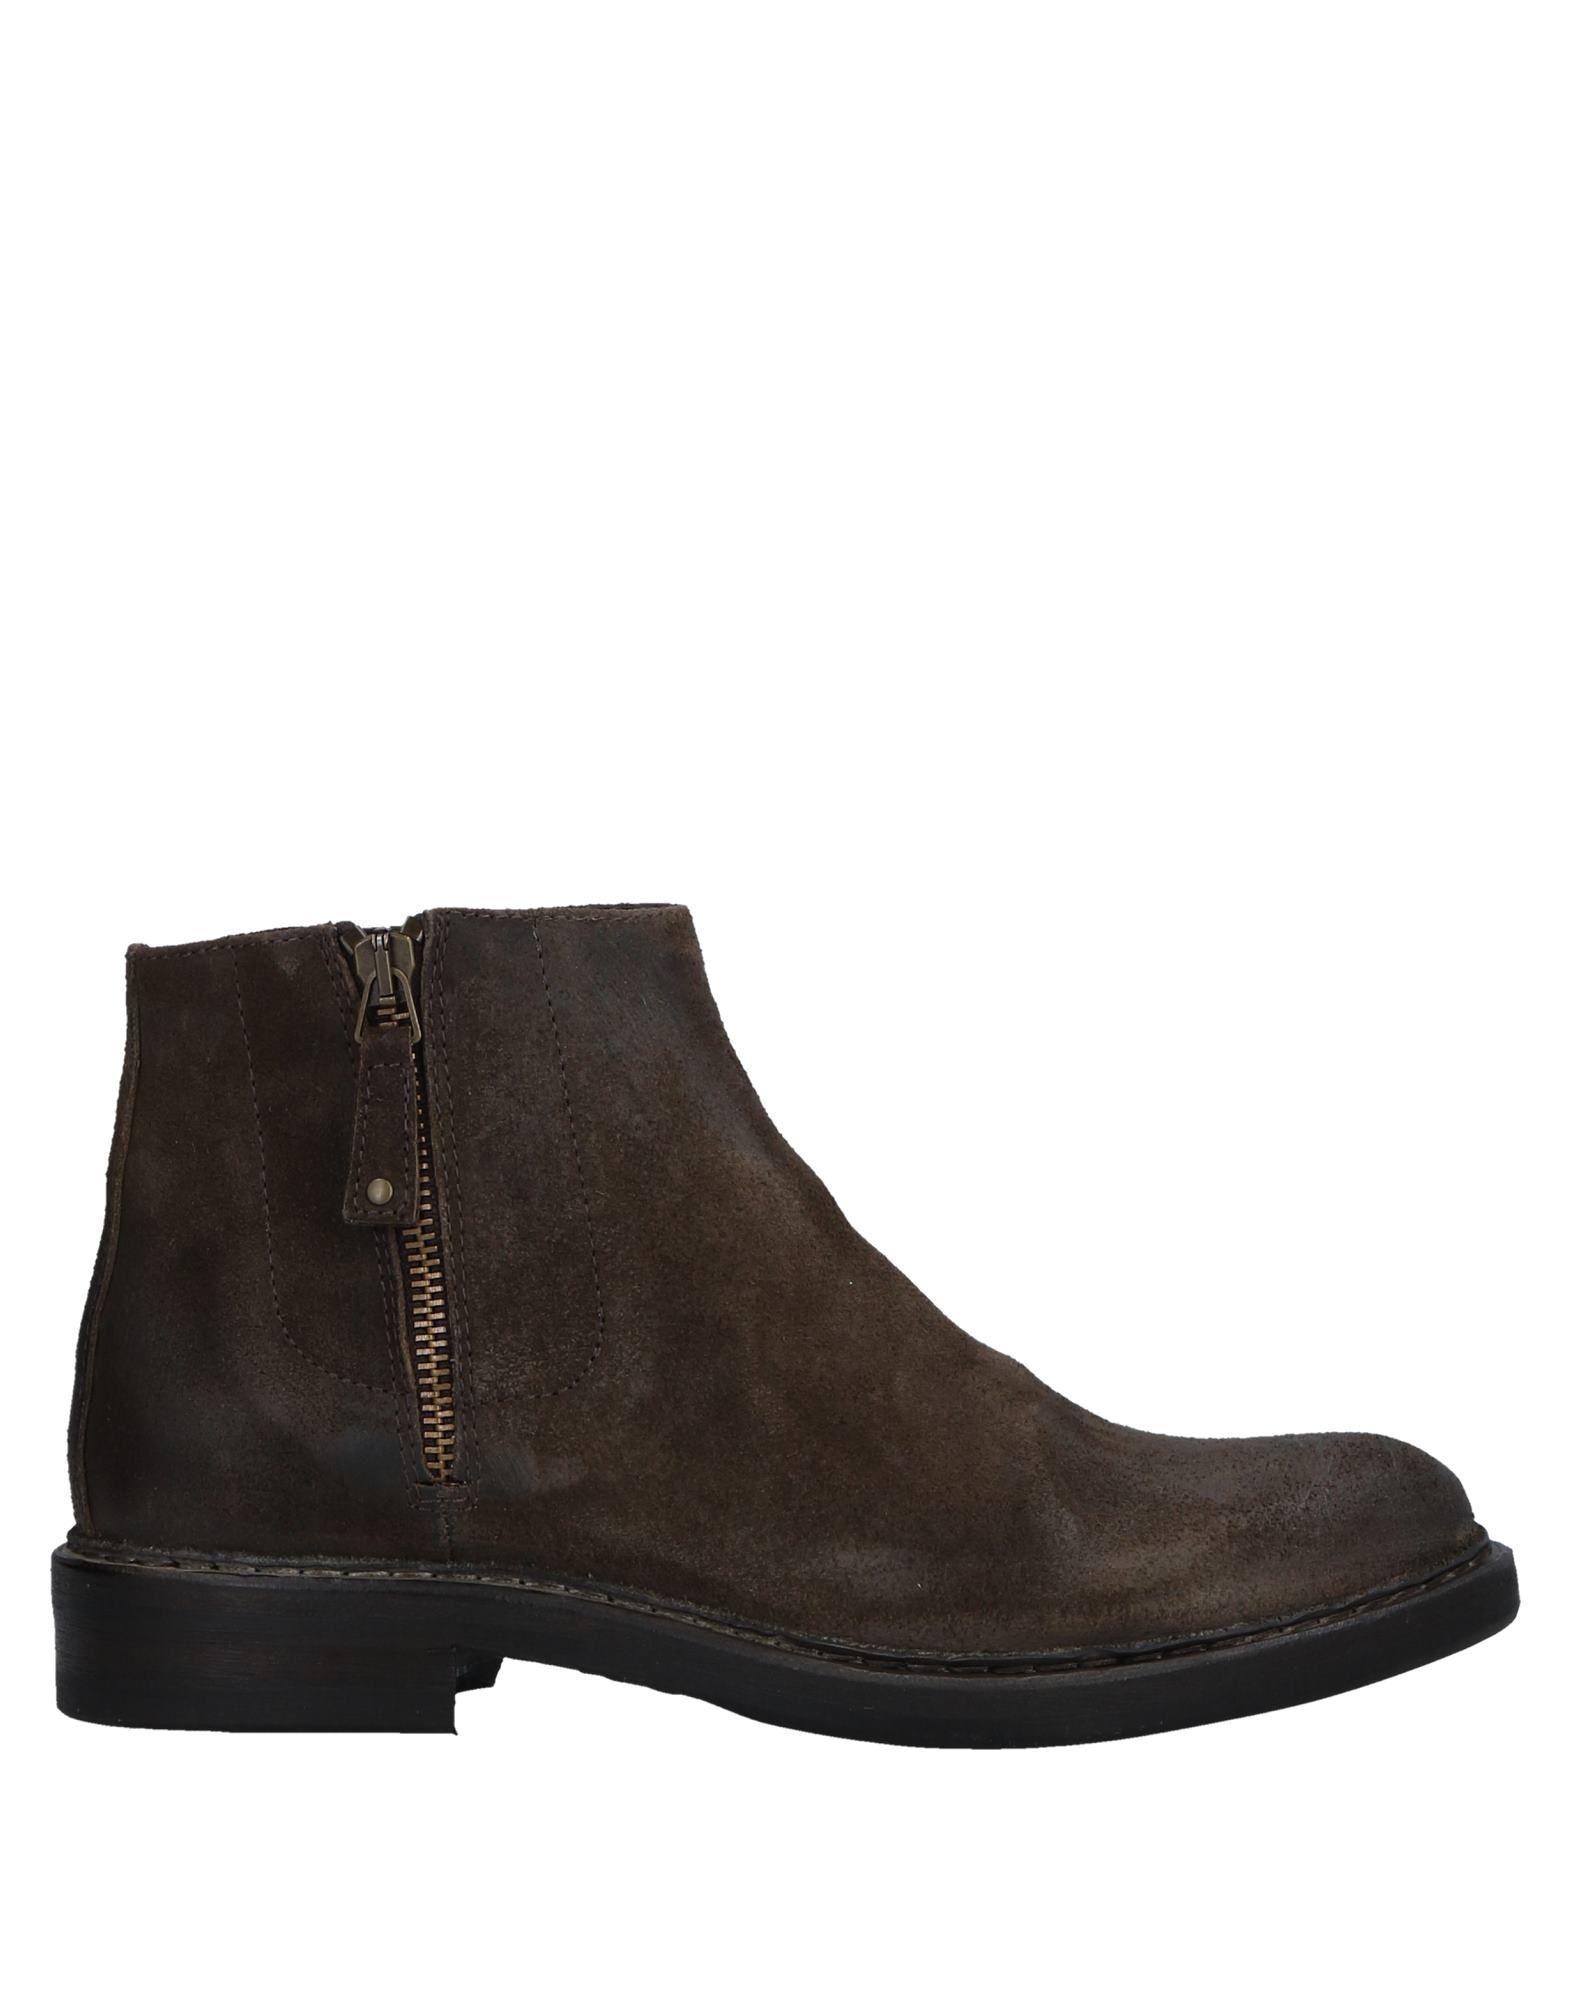 Gut um billige Damen Schuhe zu tragenHundROT 100 Stiefelette Damen billige  11516406KW 1b1b5a